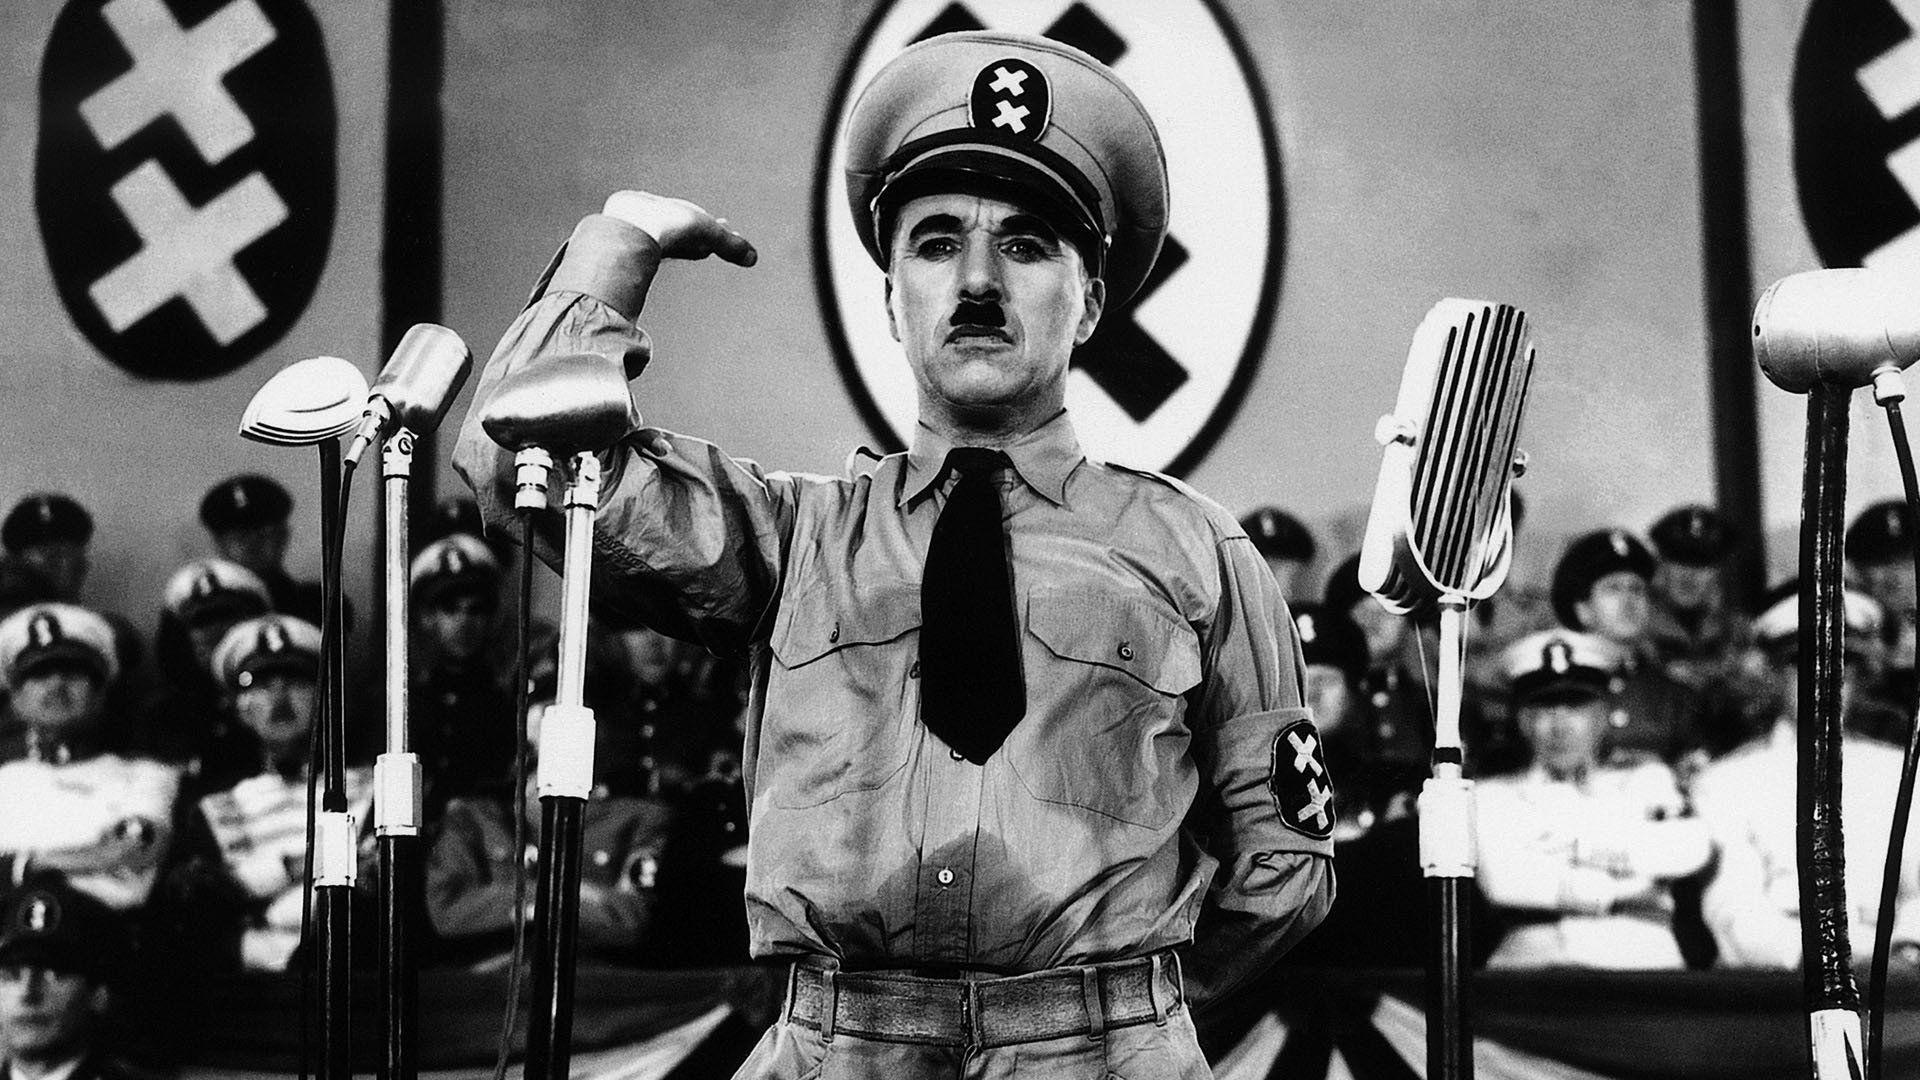 دانلود فیلم دیکتاتور بزرگ The Great Dictator 1940 in 2020